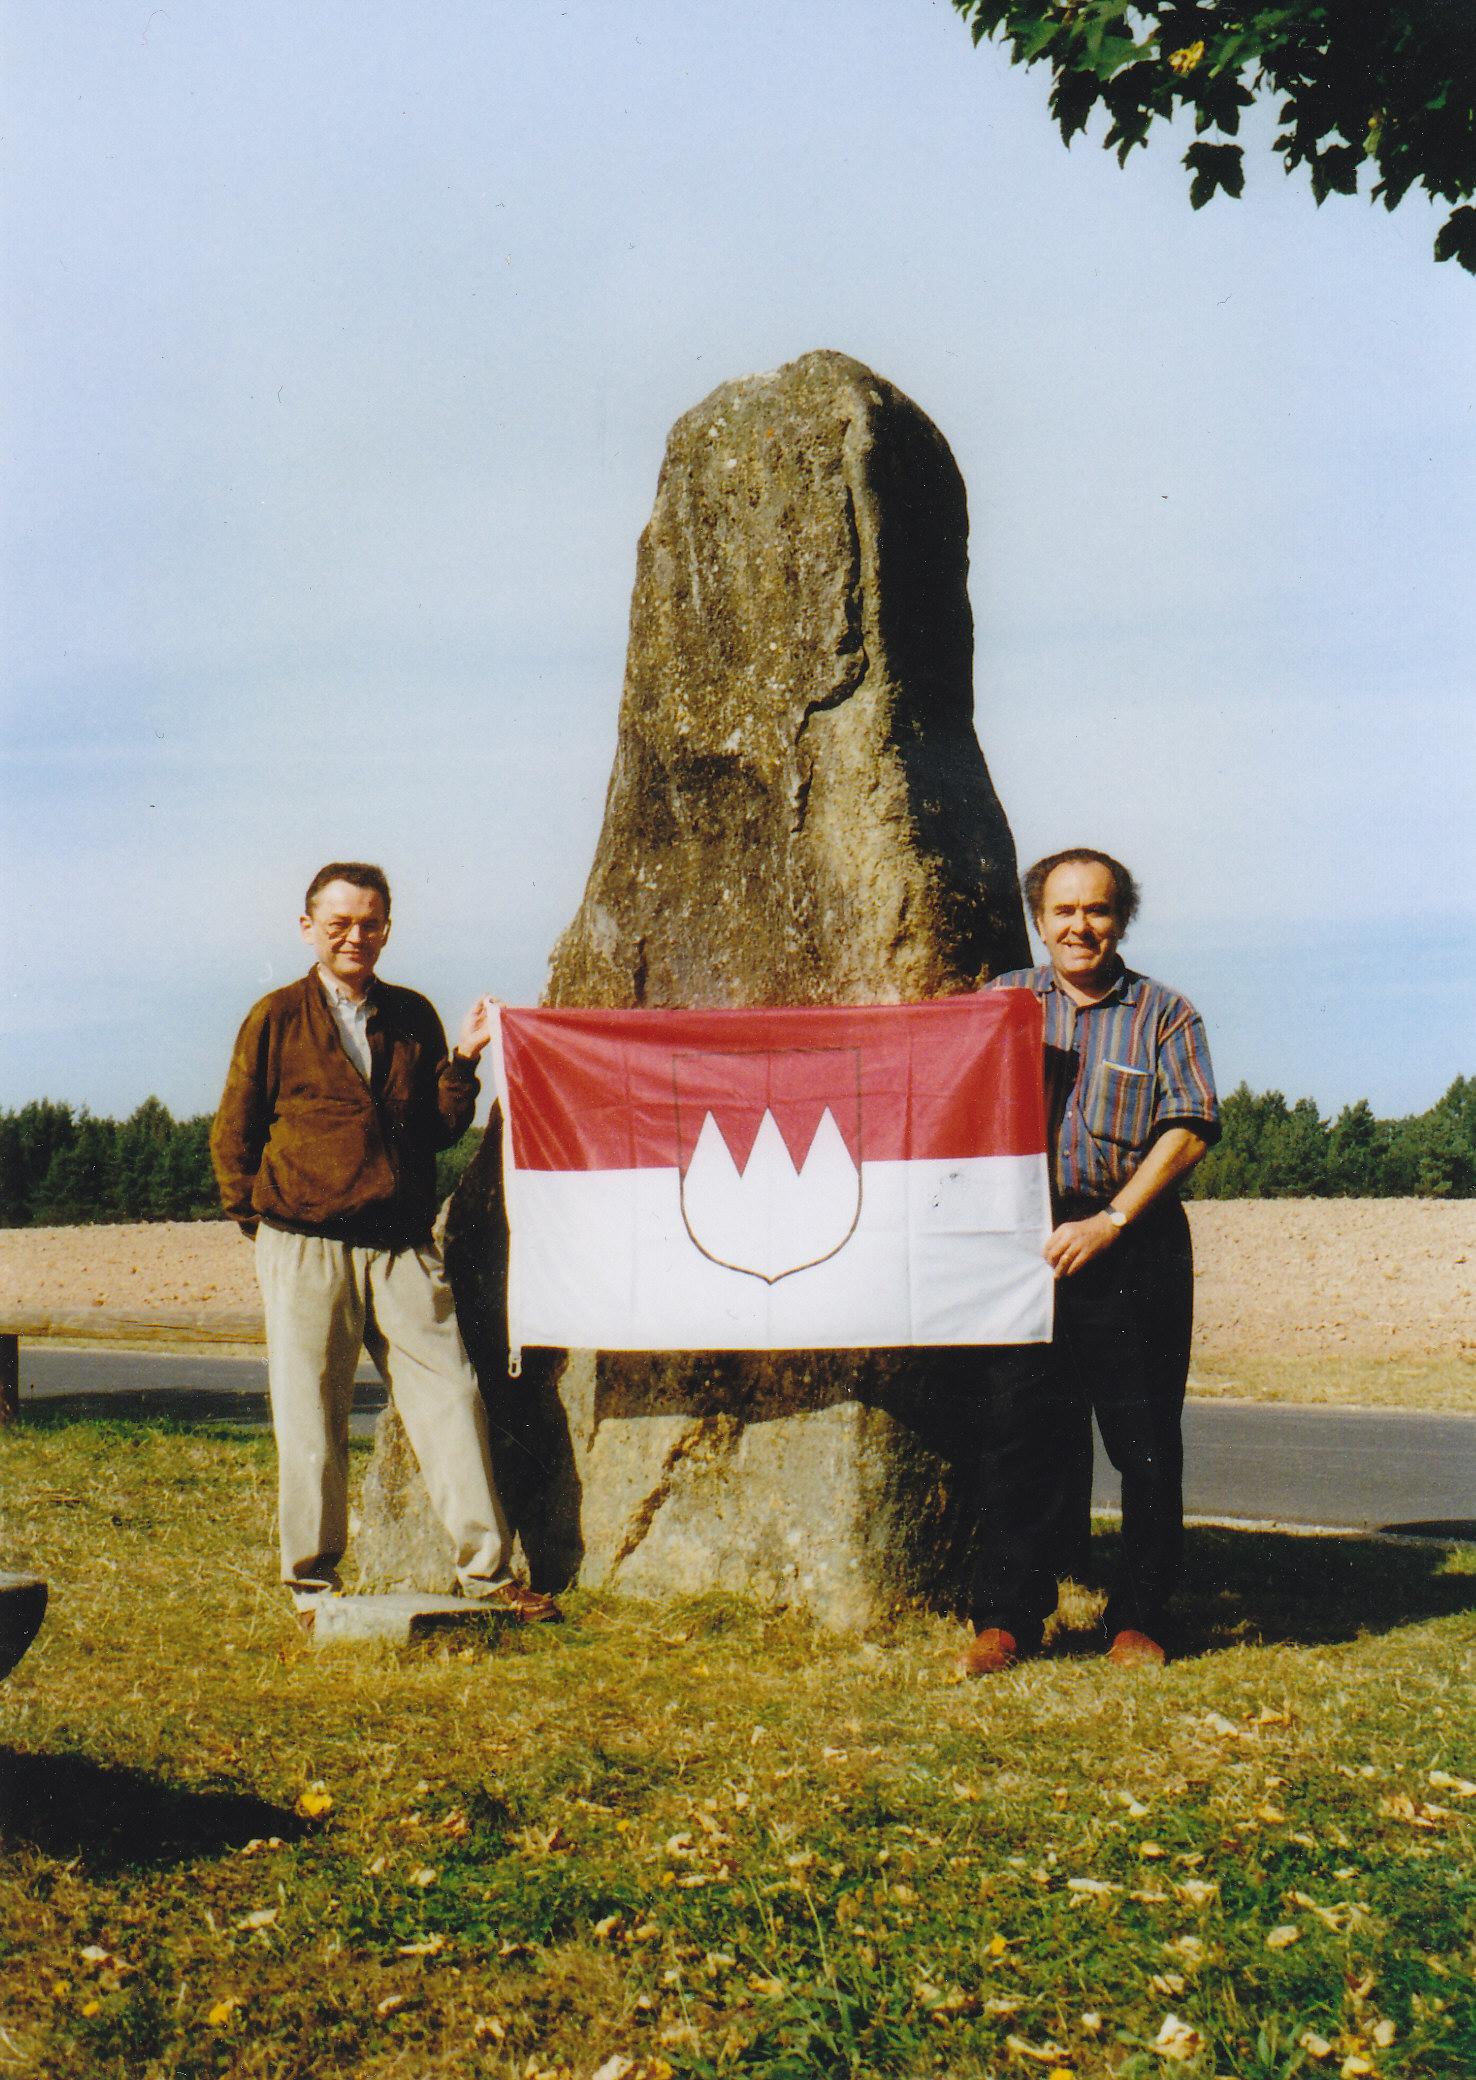 1997 5 Armin Kohlmann(li) Heribert Reusch 3 Frankenstein,dieser wurde am Schittpunkt der 3 Reg. Bezirke am 1.5.1997 aufgestellt.jpg